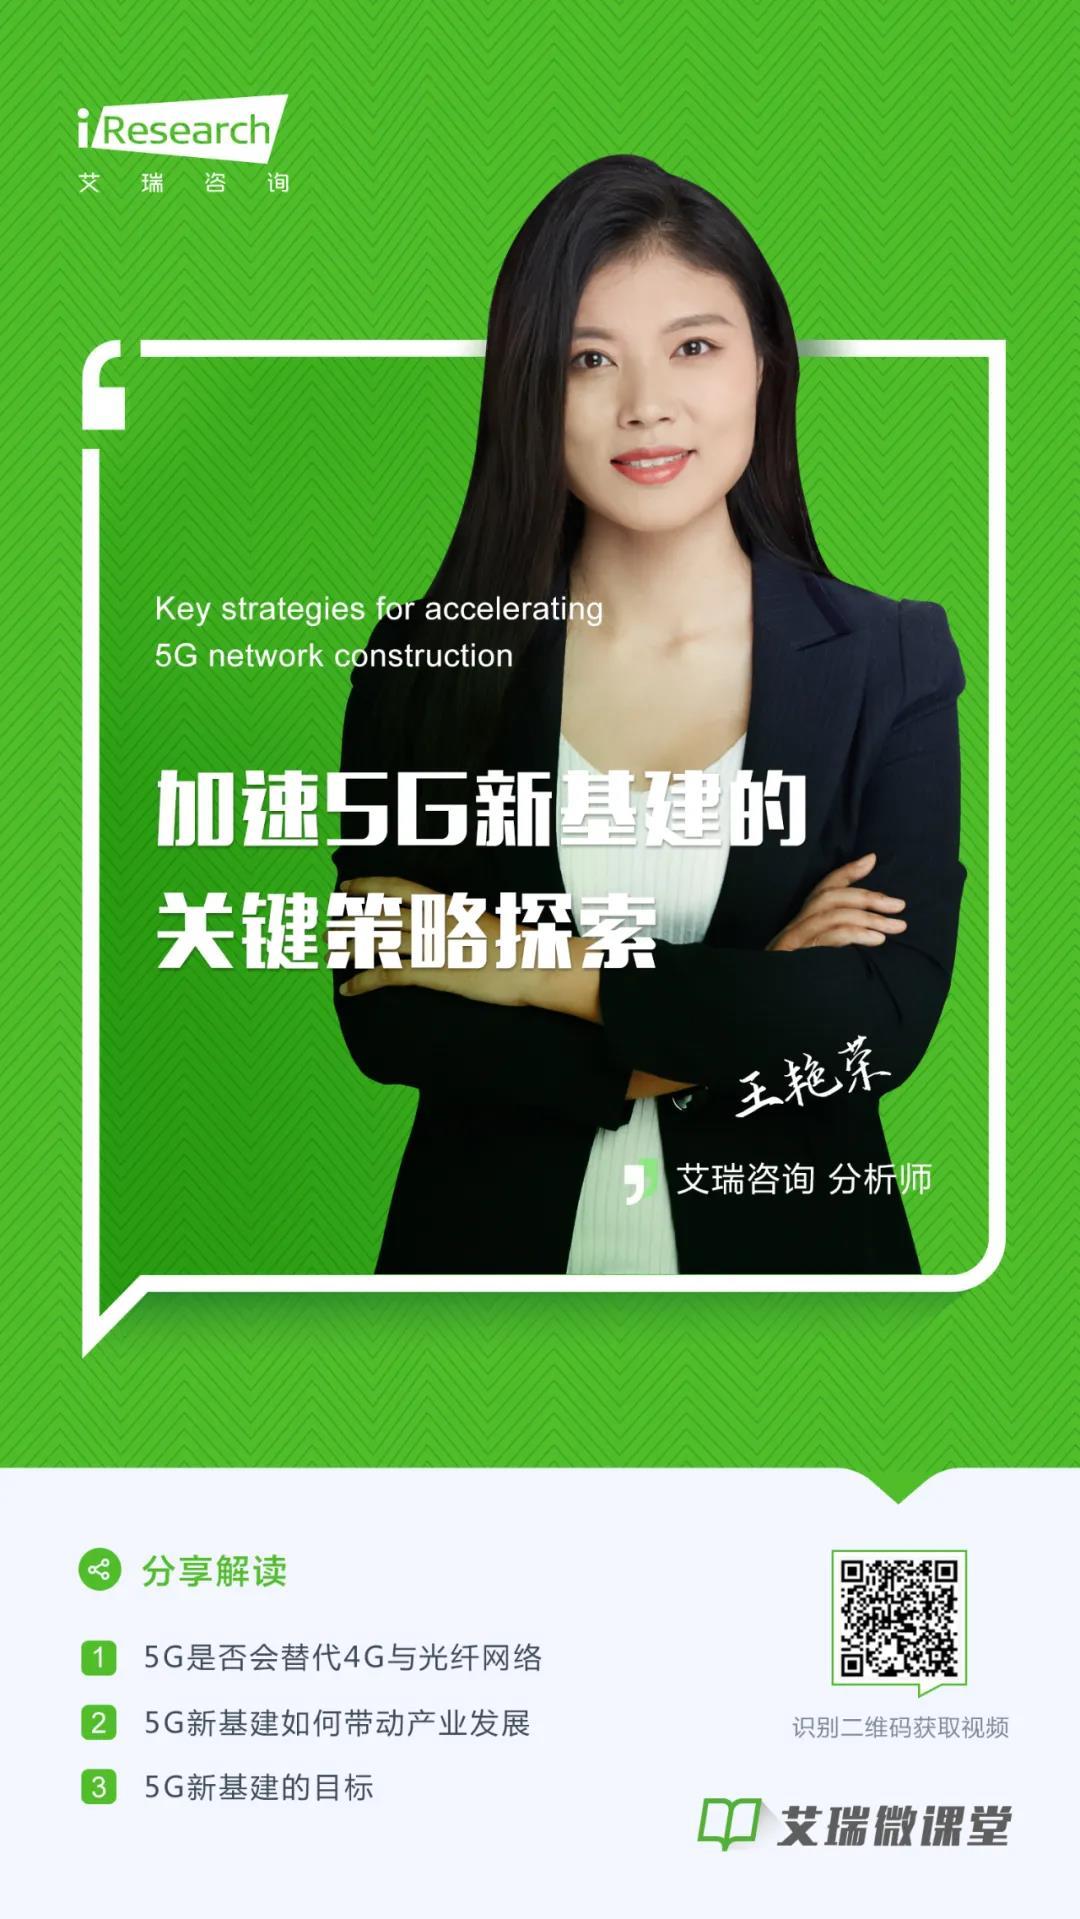 微信图片_20201217104314.jpg